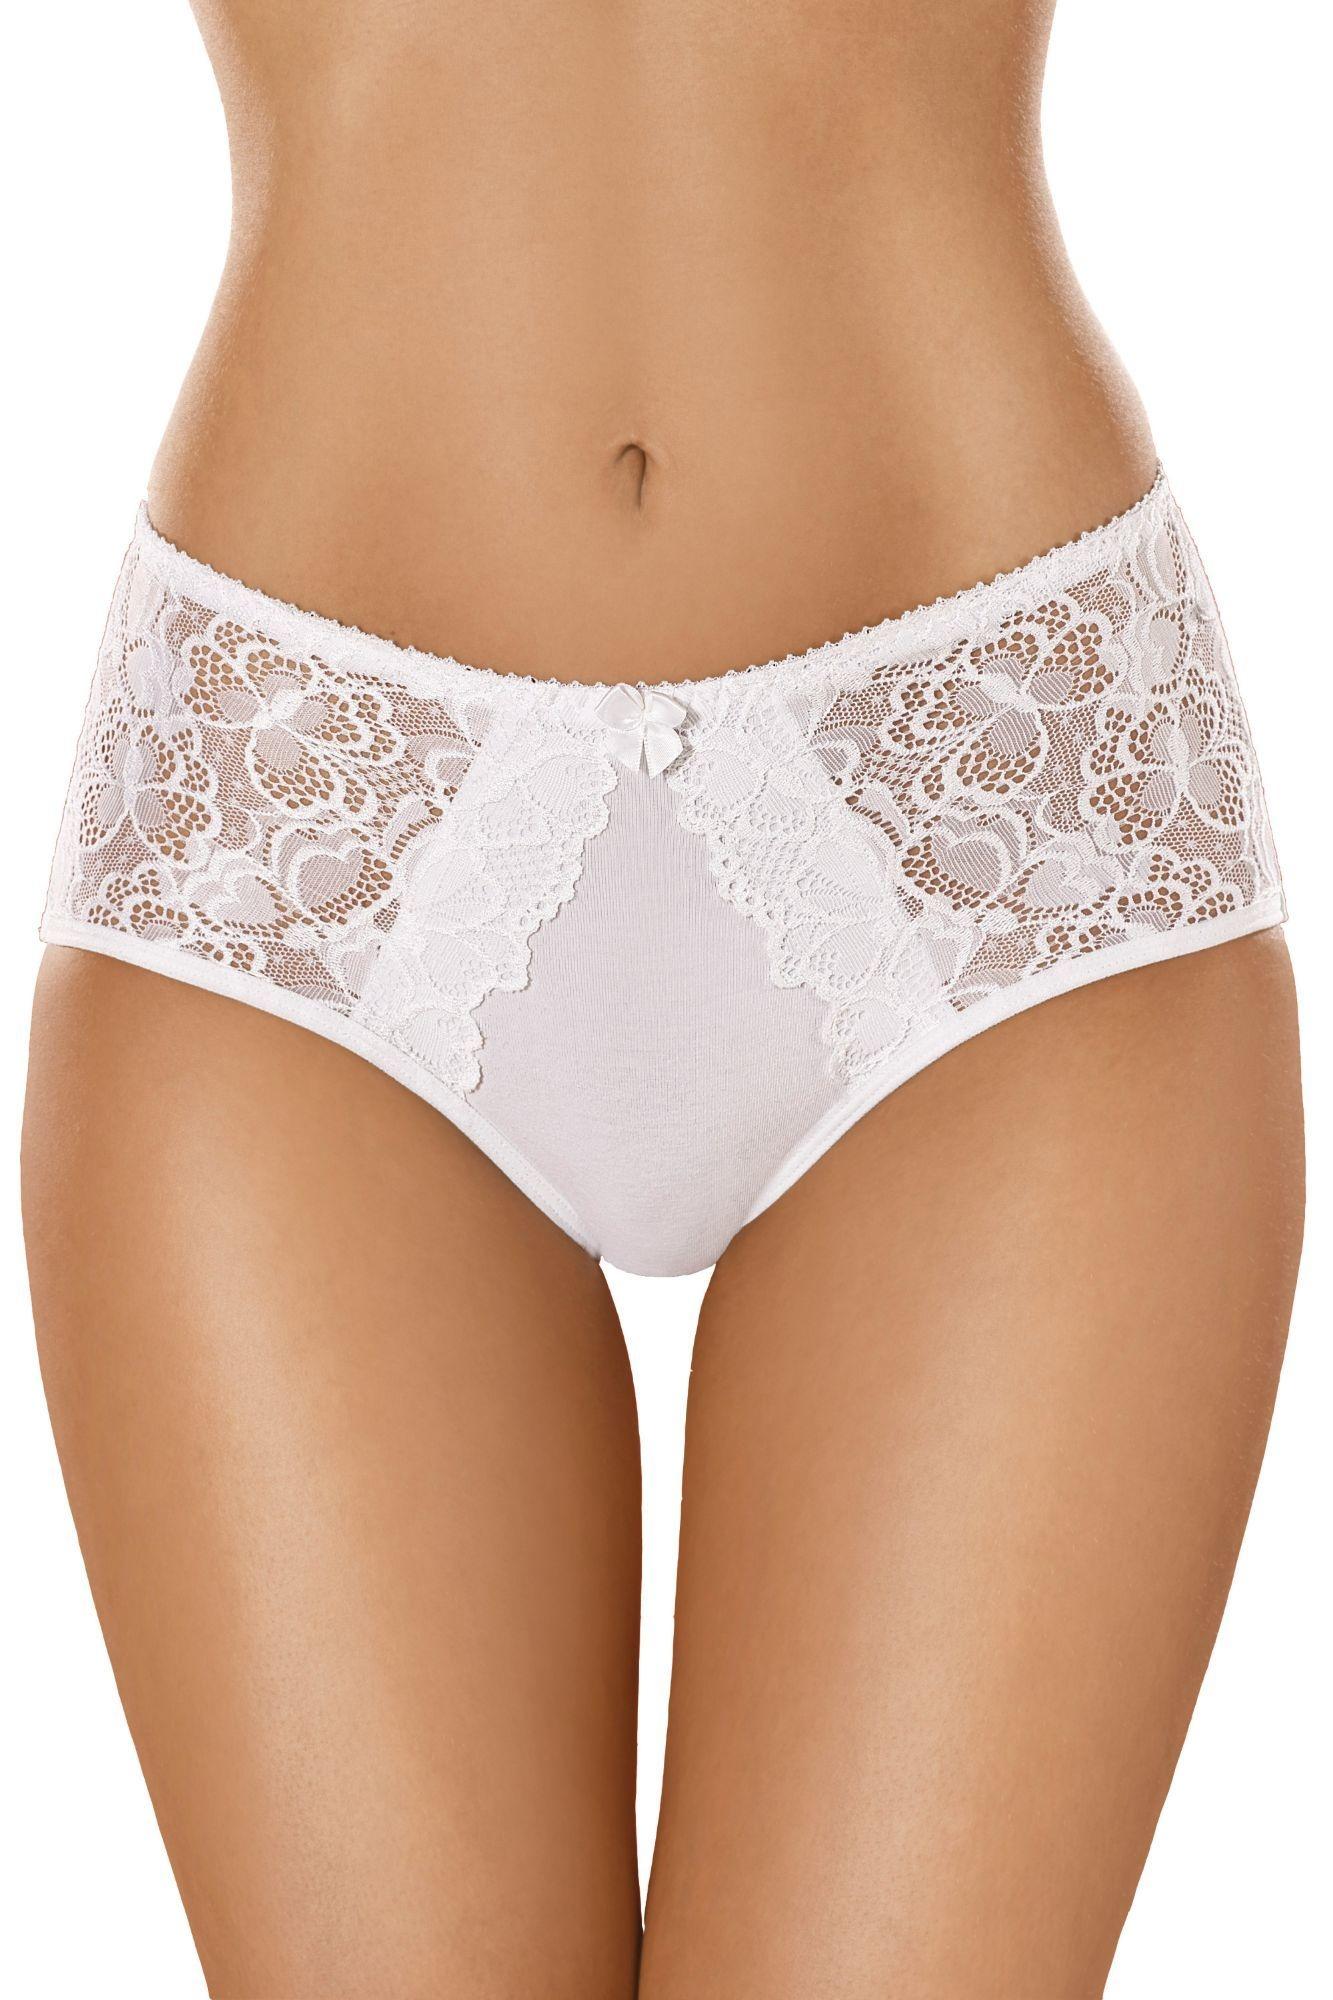 1768c34b0 Bavlnené dámske nohavičky s čipkou 101 biele - ELEGANT.sk